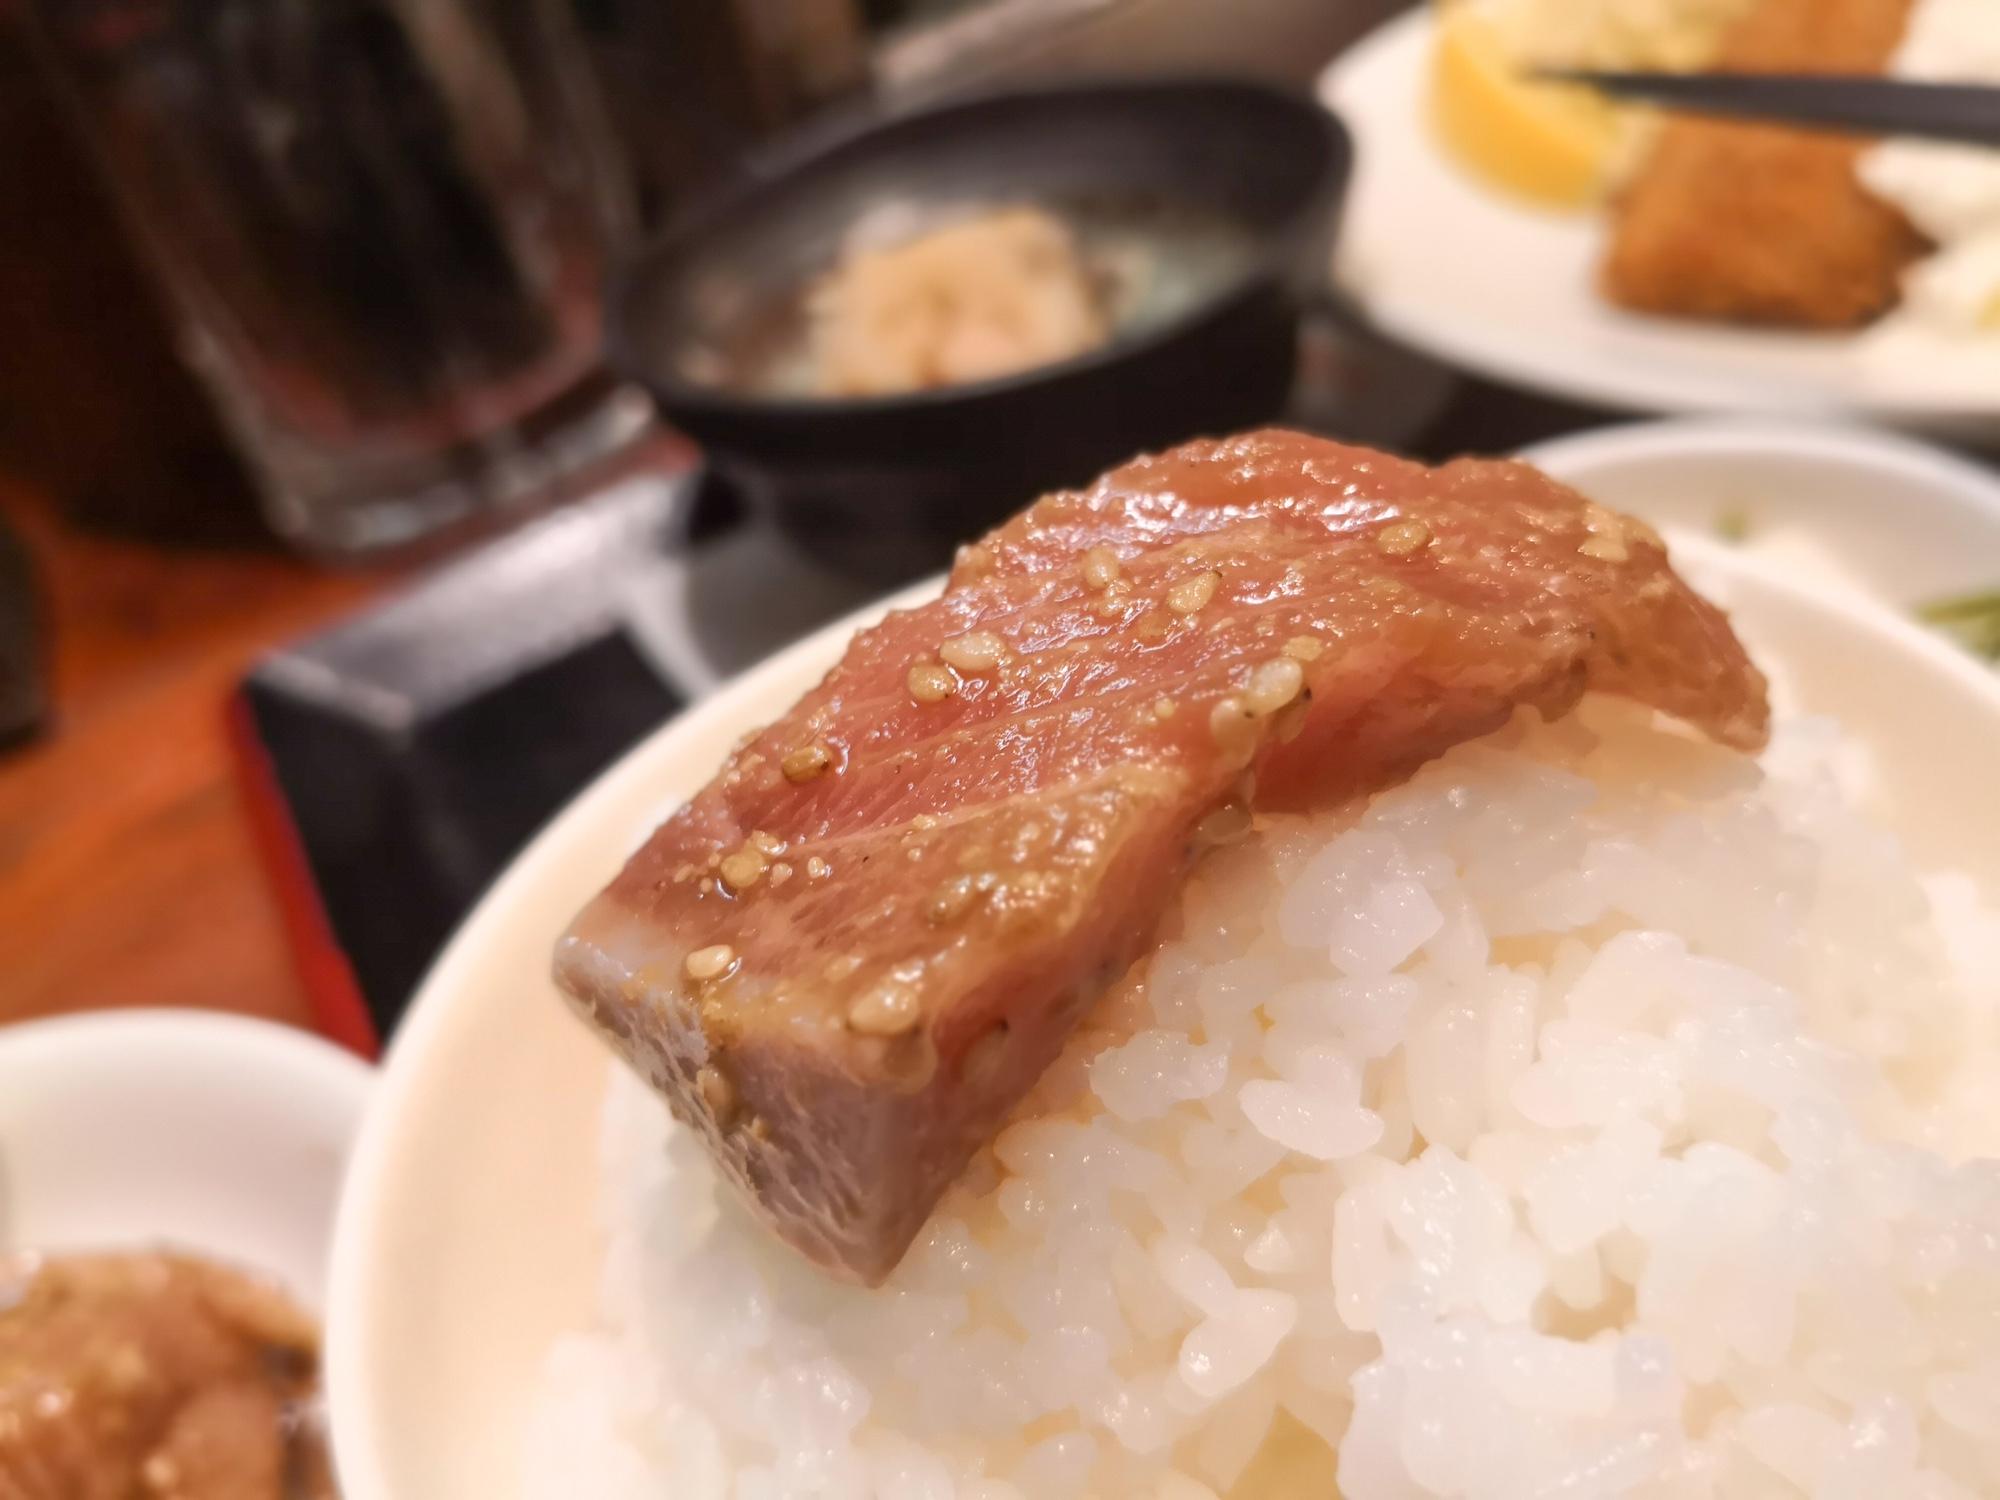 福岡ご当地グルメ 郷土料理 ごま鯖 定食 おきよ食堂 朝ごはん